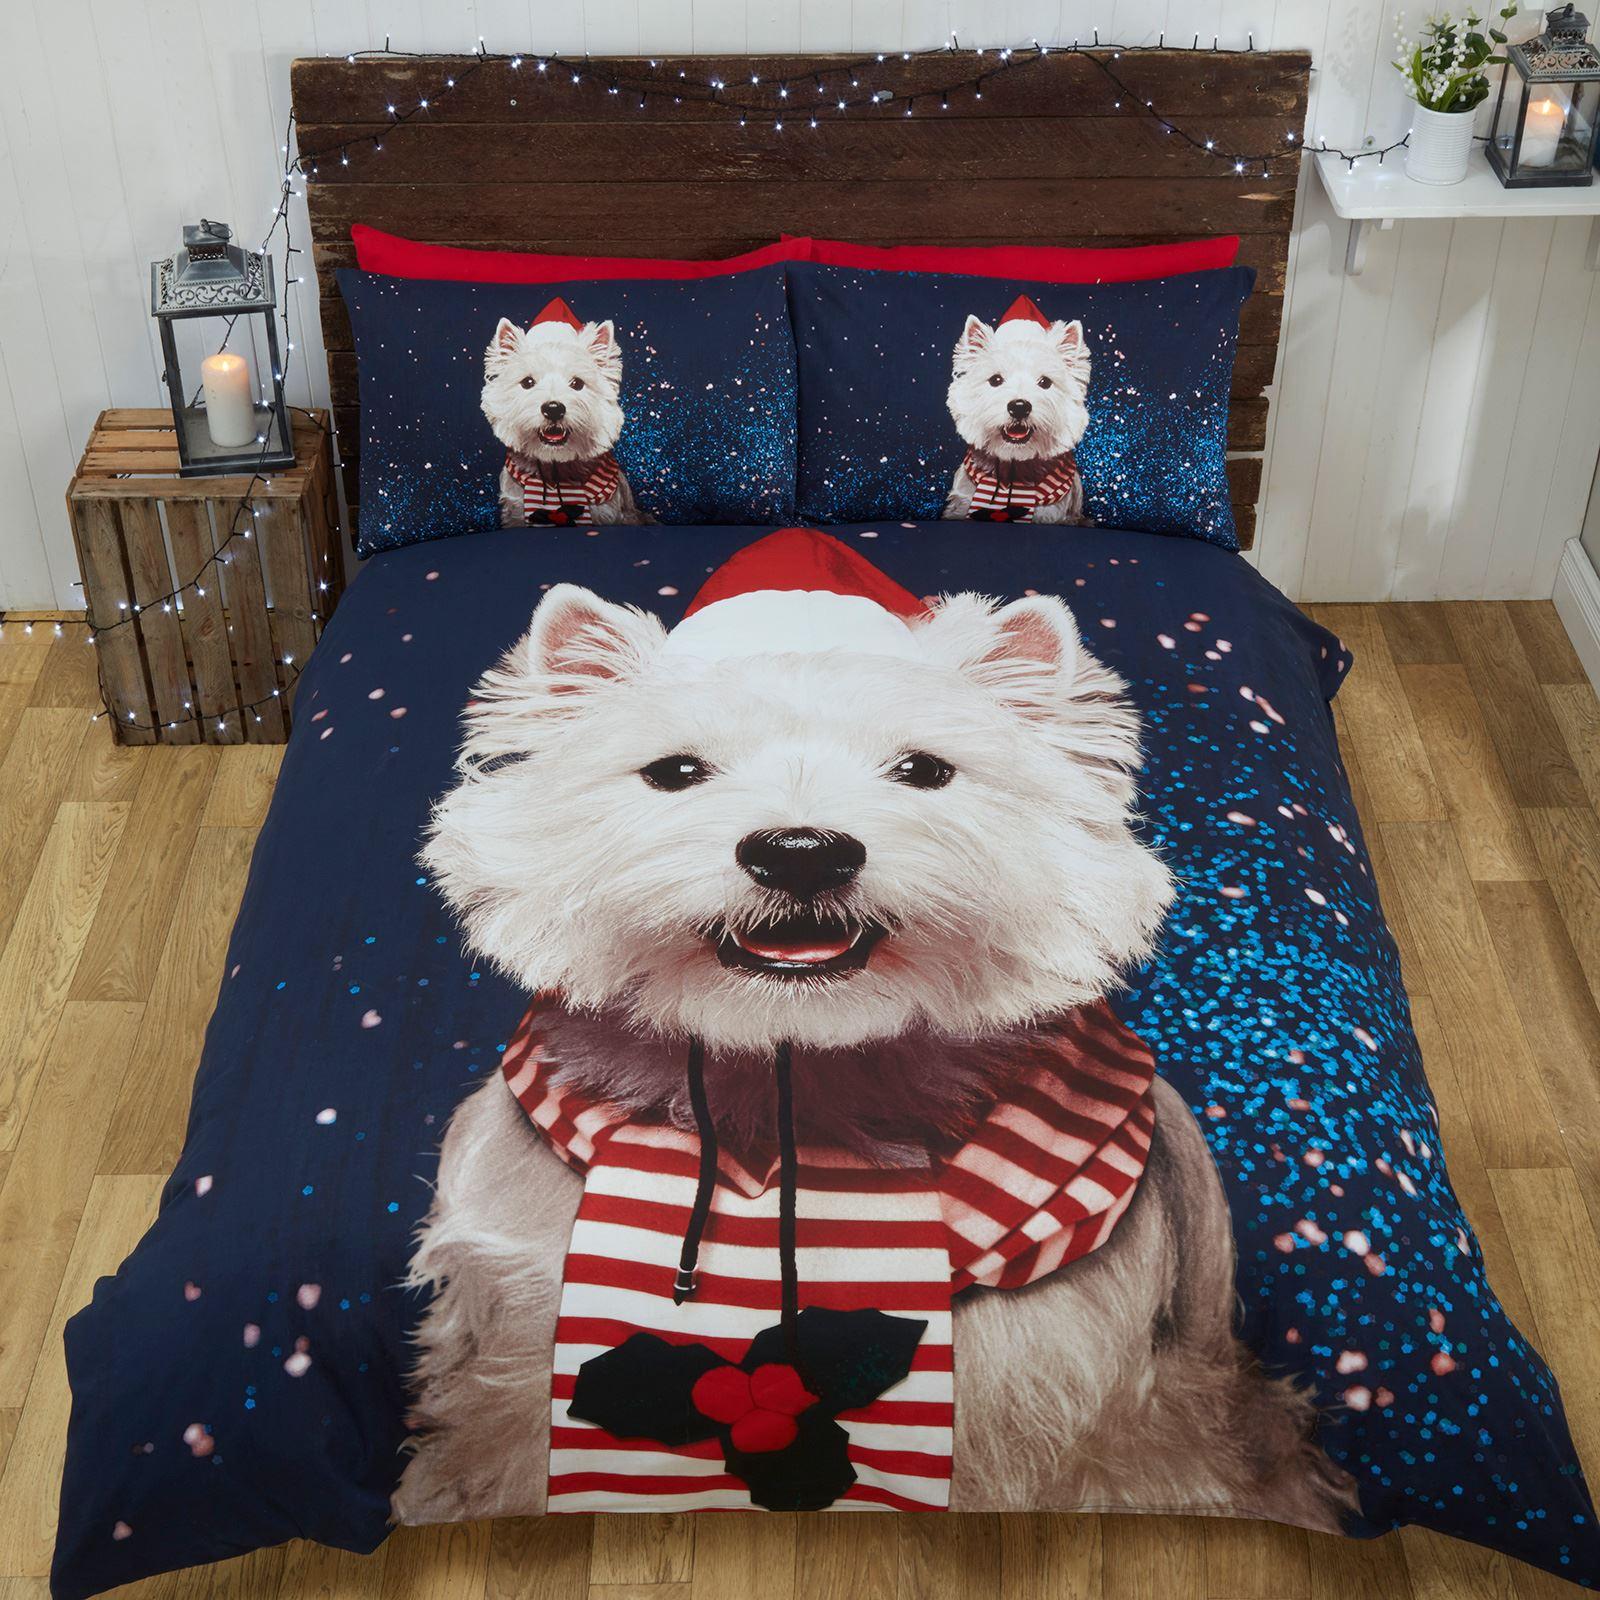 Indexbild 107 - Kinder Weihnachten Bettbezug Sets - Junior Einzel Doppel King - Elf Emoji Grinch